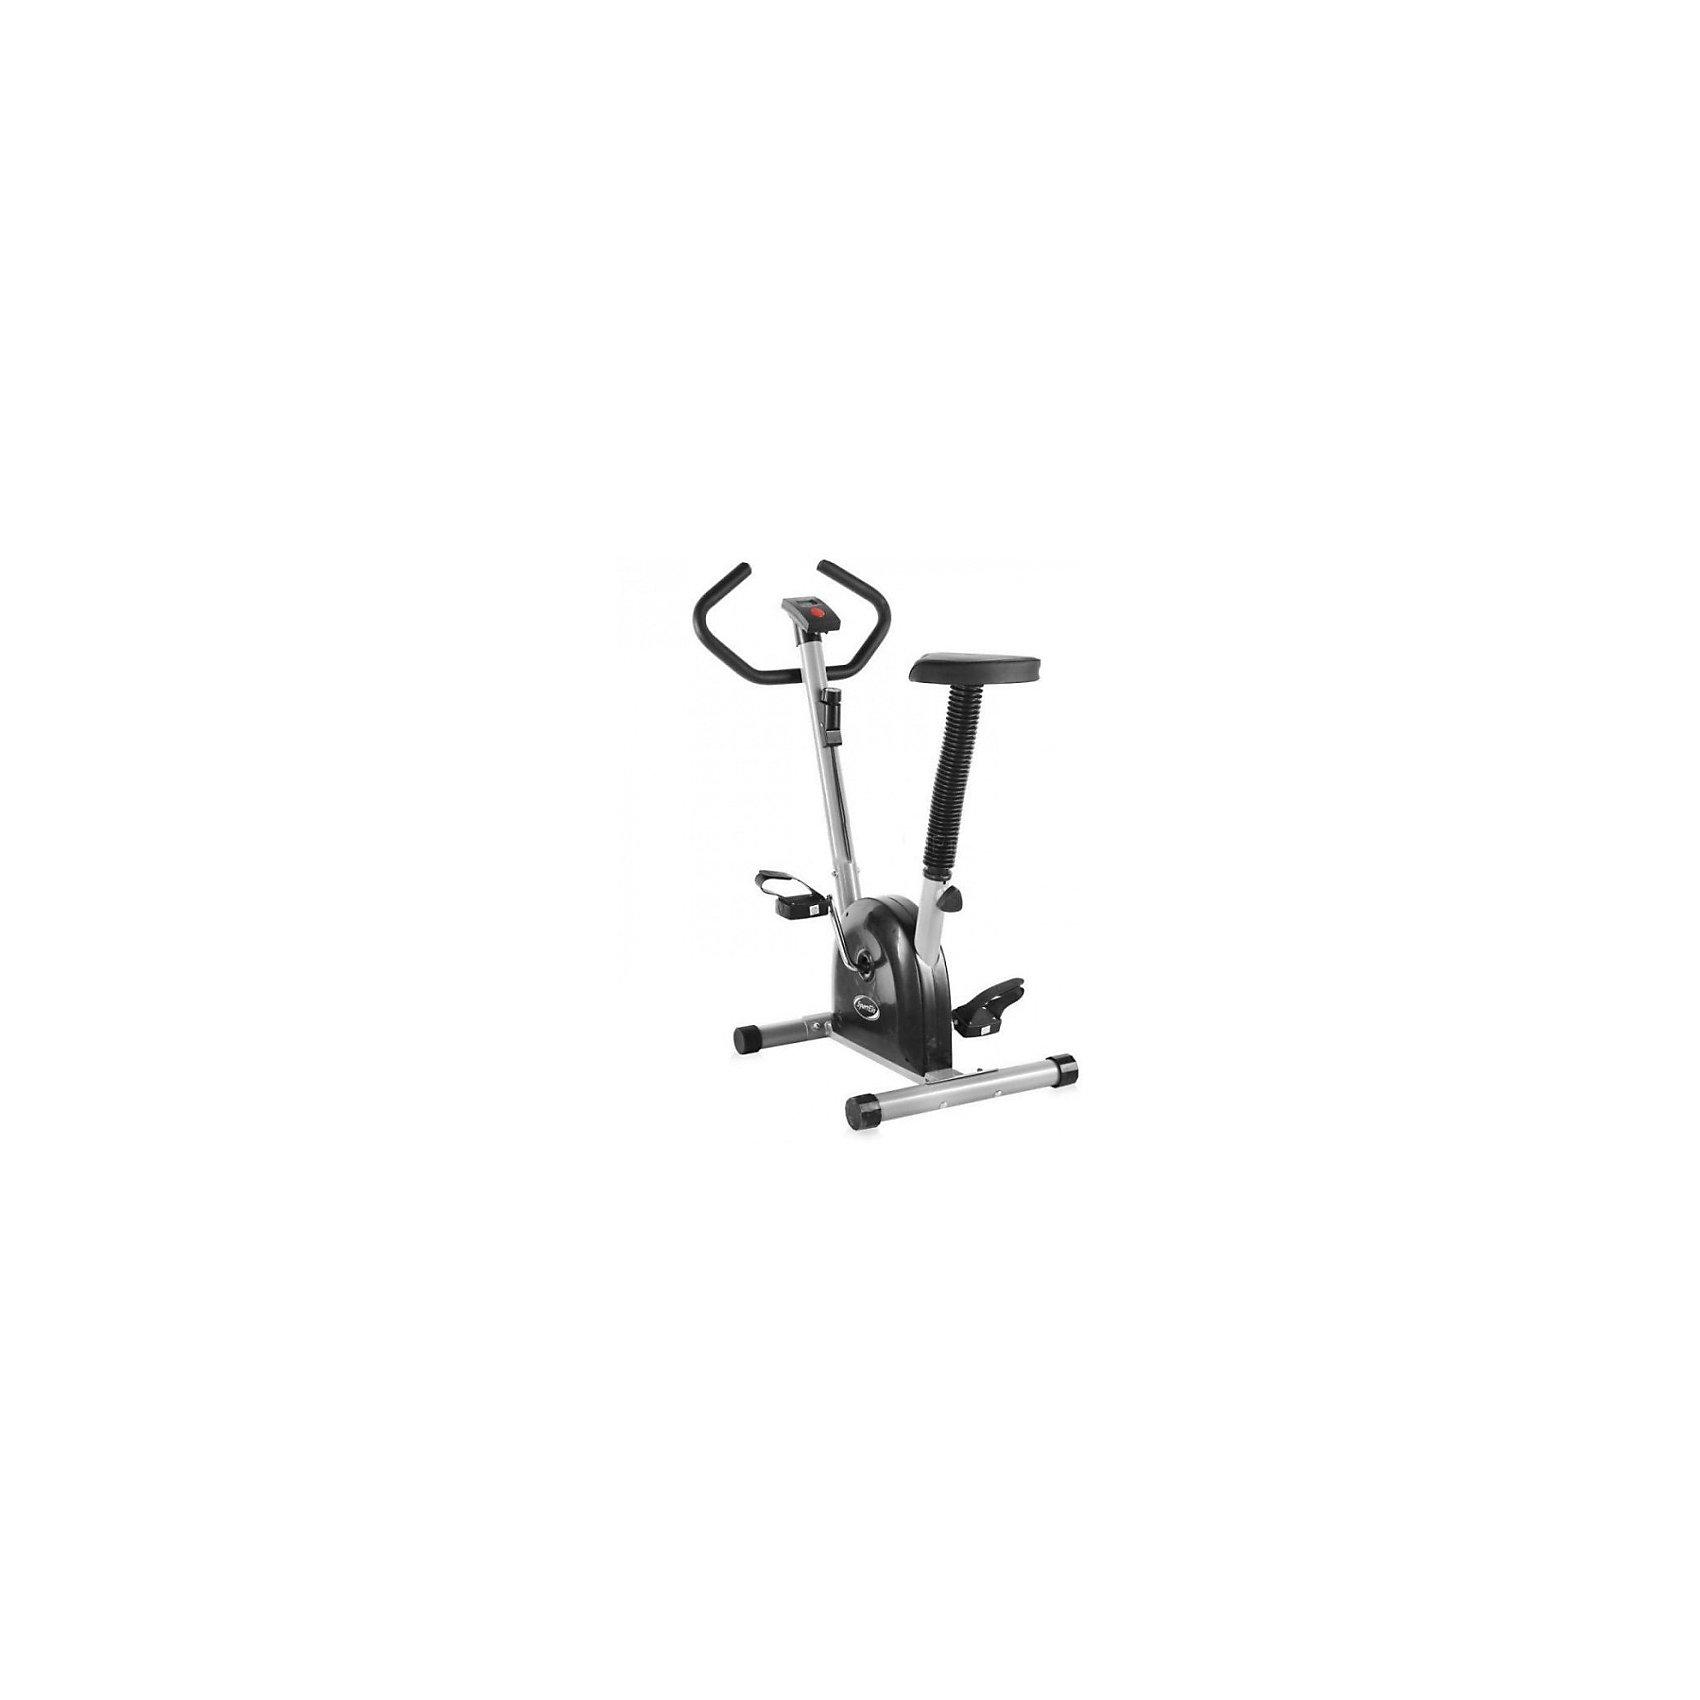 Велотренажер SE-1310, Sport ElitВелотренажер SE-1310<br>Артикул: SE-1310<br>Проверенный временем Ременный велотренажер Sport Elit - 1310 завоевал признание многих покупателей. Простая, но, в то же время, очень эффективная конструкция, механический тип торможения и управления нагрузкой делает этот тренажер очень эффективным в работе и долговечным. Он попросту не может сломаться, в нем все отлично продумано и подогнано друг под друга. Классический дизайн легко впишется в любой интерьер. <br>Несмотря на свой механический тип ременный велотренажер Sport Elit - 1310 снабжен компьютером для измерения дистанции, скорости, времени и количества потраченных калорий. Все параметры тренировки регулярно замеряются и отображаются на экране каждые 6 секунд. Большие нескользящие педали с ремешком и регулировка сидения: по вертикали, позволят любому члену семьи получить удовольствие от занятий на этом замечательном тренажере.<br>. <br><br>Основные характеристики<br>Использование:Домашнее<br>Тип:вертикальный<br>Система нагрузки:ременная<br>Максимальный вес пользователя:100 кг<br>Измерение пульса:Нет<br>Количество уровней нагрузки:8<br>Разработка и дизайн:Тайвань<br>Страна производитель:Китай<br>Монитор и программы<br>Показания консоли:Время тренировки, пройденная дистанция, скорость, расход калорий<br>Количество программ:Программы отсутствуют<br>Спецификации программ:Нет<br>Специальные программные возможности:Нет<br>Многоязычный интерфейс:Нет<br>Интеграция:Нет<br>Дополнительные характеристики<br>Педальный узел:Однокомпонентный<br>Транспортировочные ролики:Нет<br>Возможность программирования тренировки:Нет<br>Регулировка руля:Нет<br>Регулировка положения сиденияпо вертикали<br>Сидение:Мягкое с гелиевым наполнителем<br>Питание:Не требует подключения к сети<br>Габариты и вес тренажера<br>Вес тренажера:12.5 кг<br>Маховик: Нет<br>Габариты тренажера:70 х 46 х 99 см<br>Гарантия:18 месяцев<br><br>Ширина мм: 570<br>Глубина мм: 220<br>Высота мм: 460<br>Вес г: 11200<br>Возраст от месяцев: 120<b